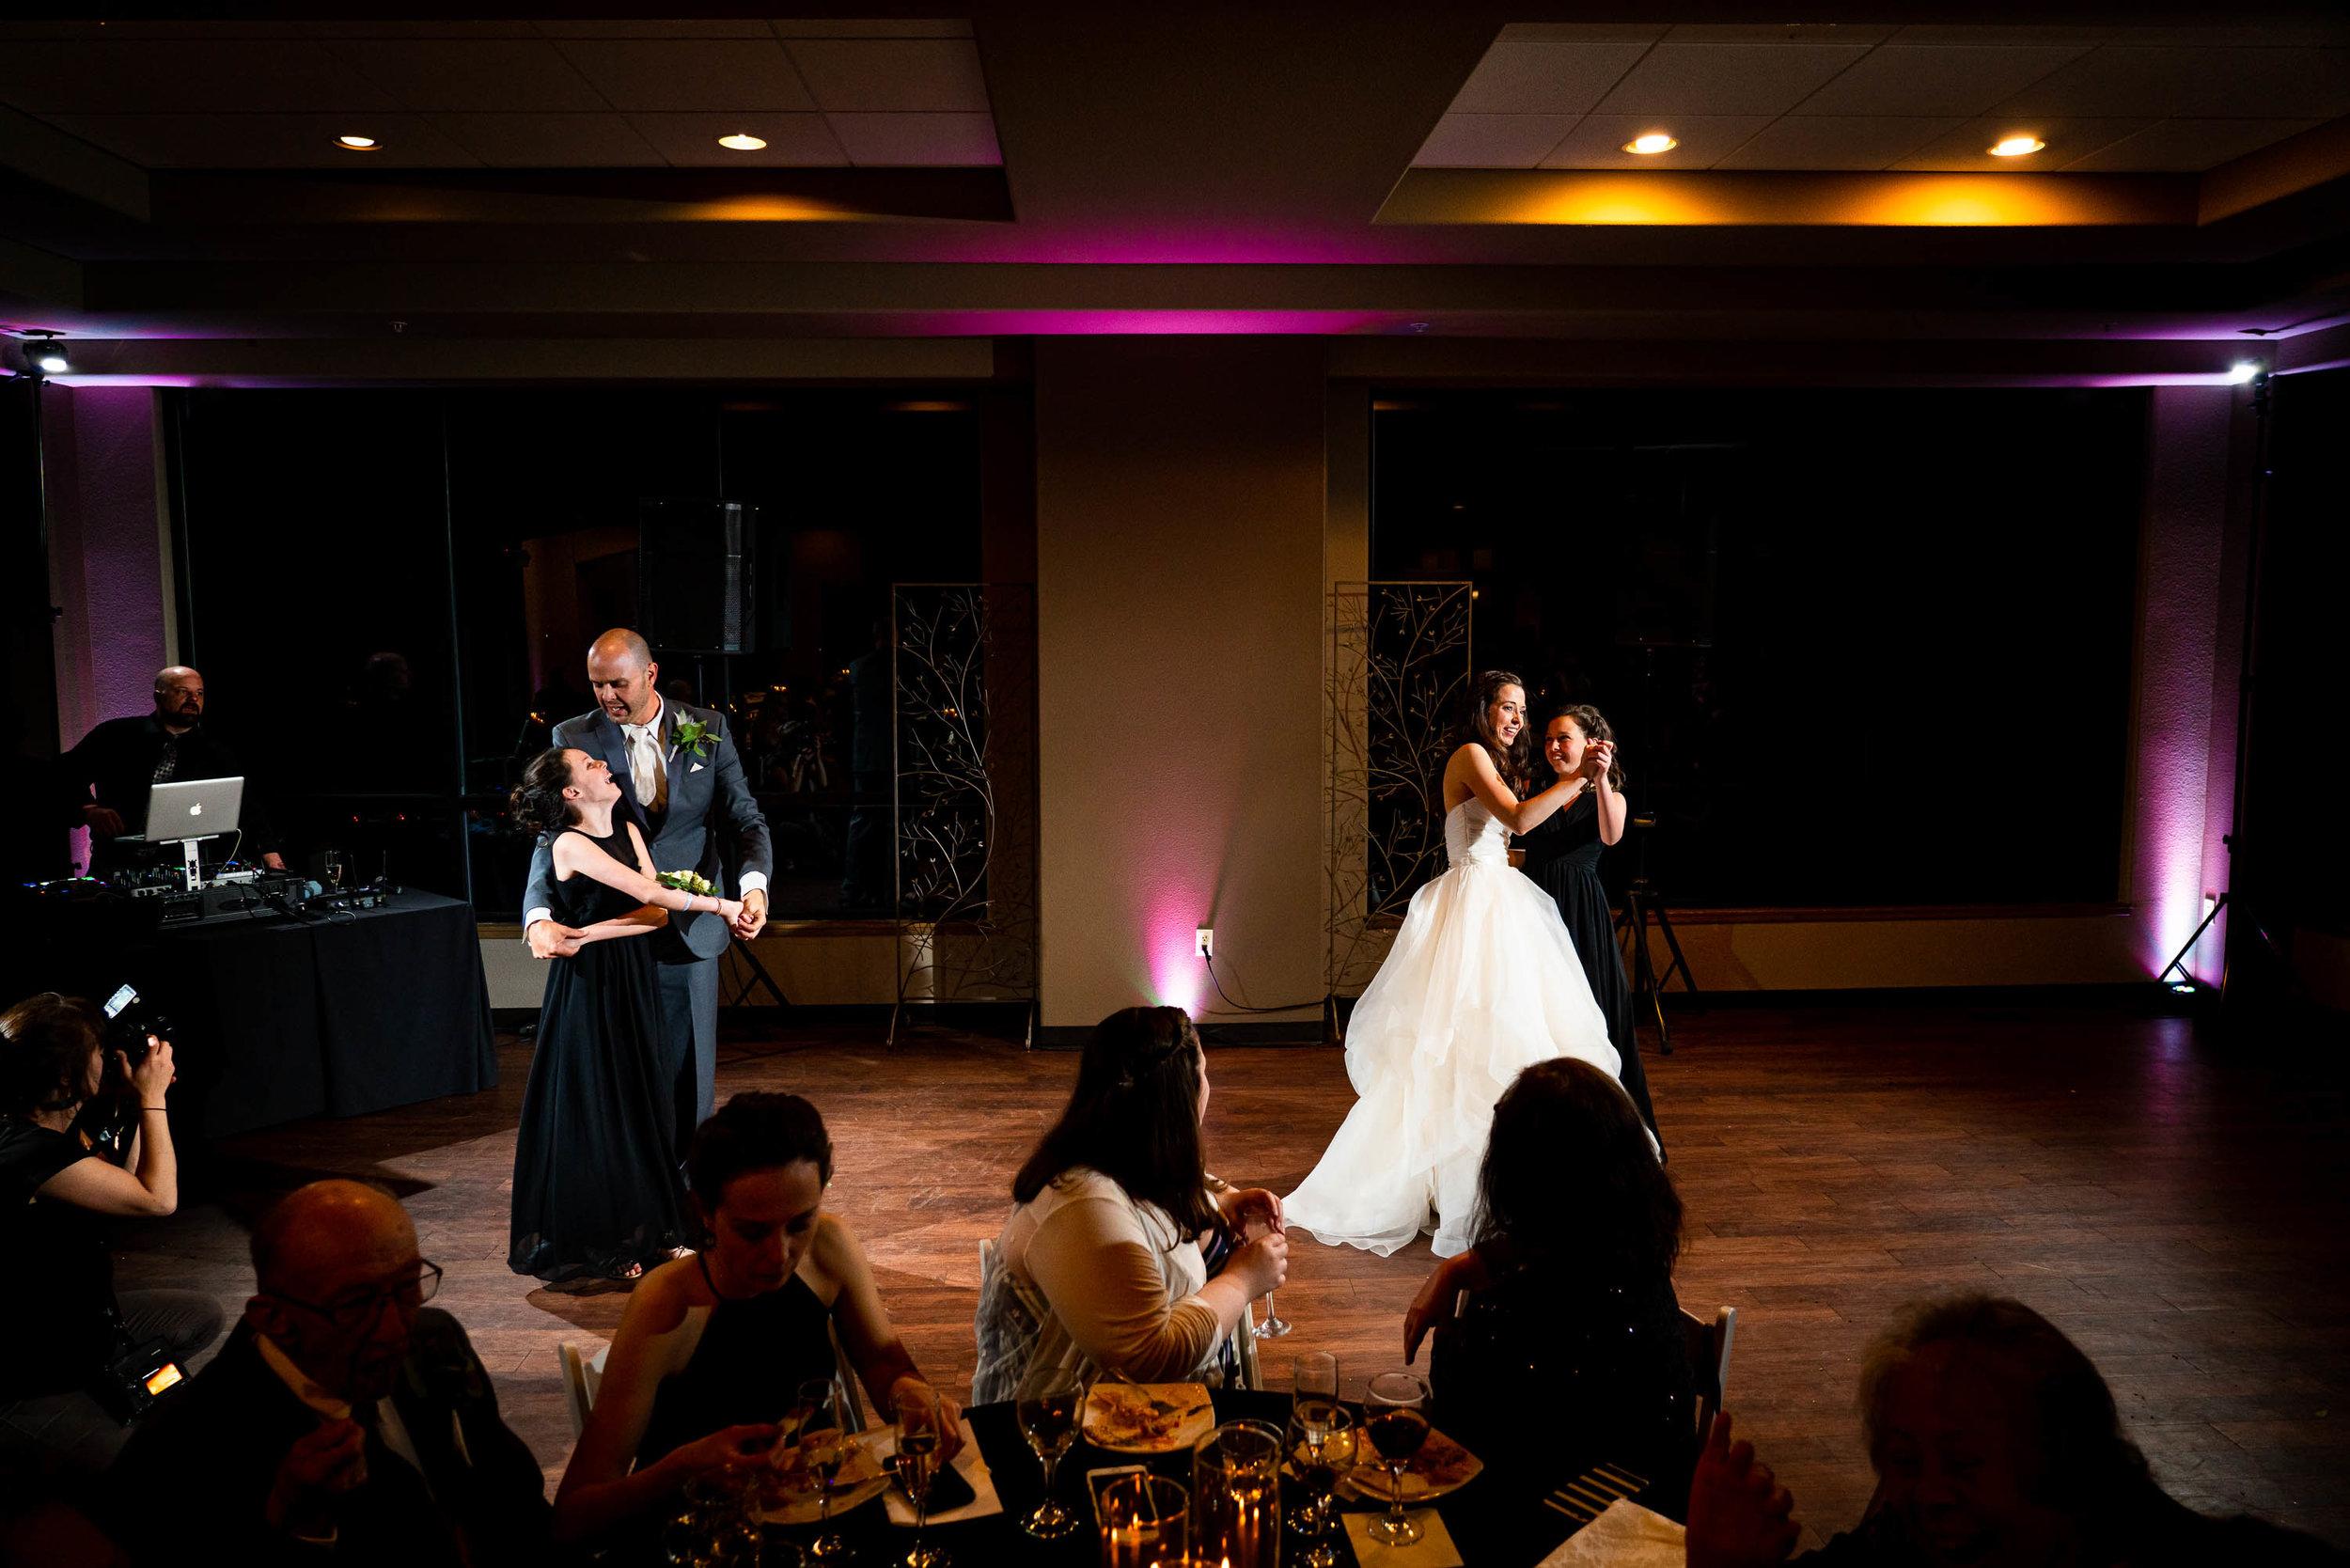 Pines_Genesee_Colorado_Wedding-92.jpg